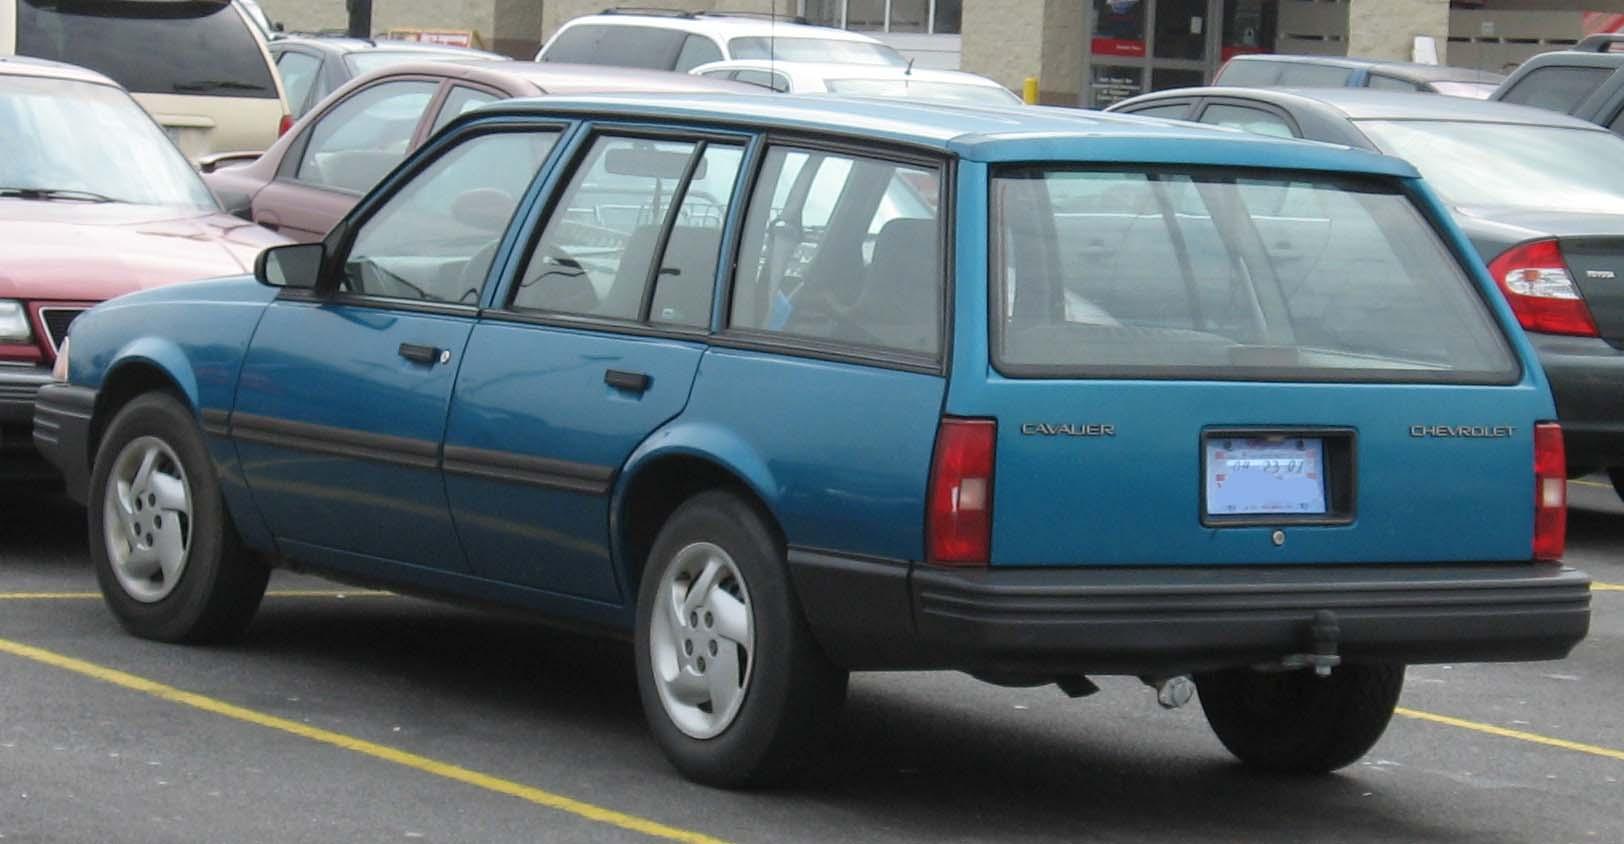 Chevrolet Cavalier I 1982 - 1987 Sedan #1